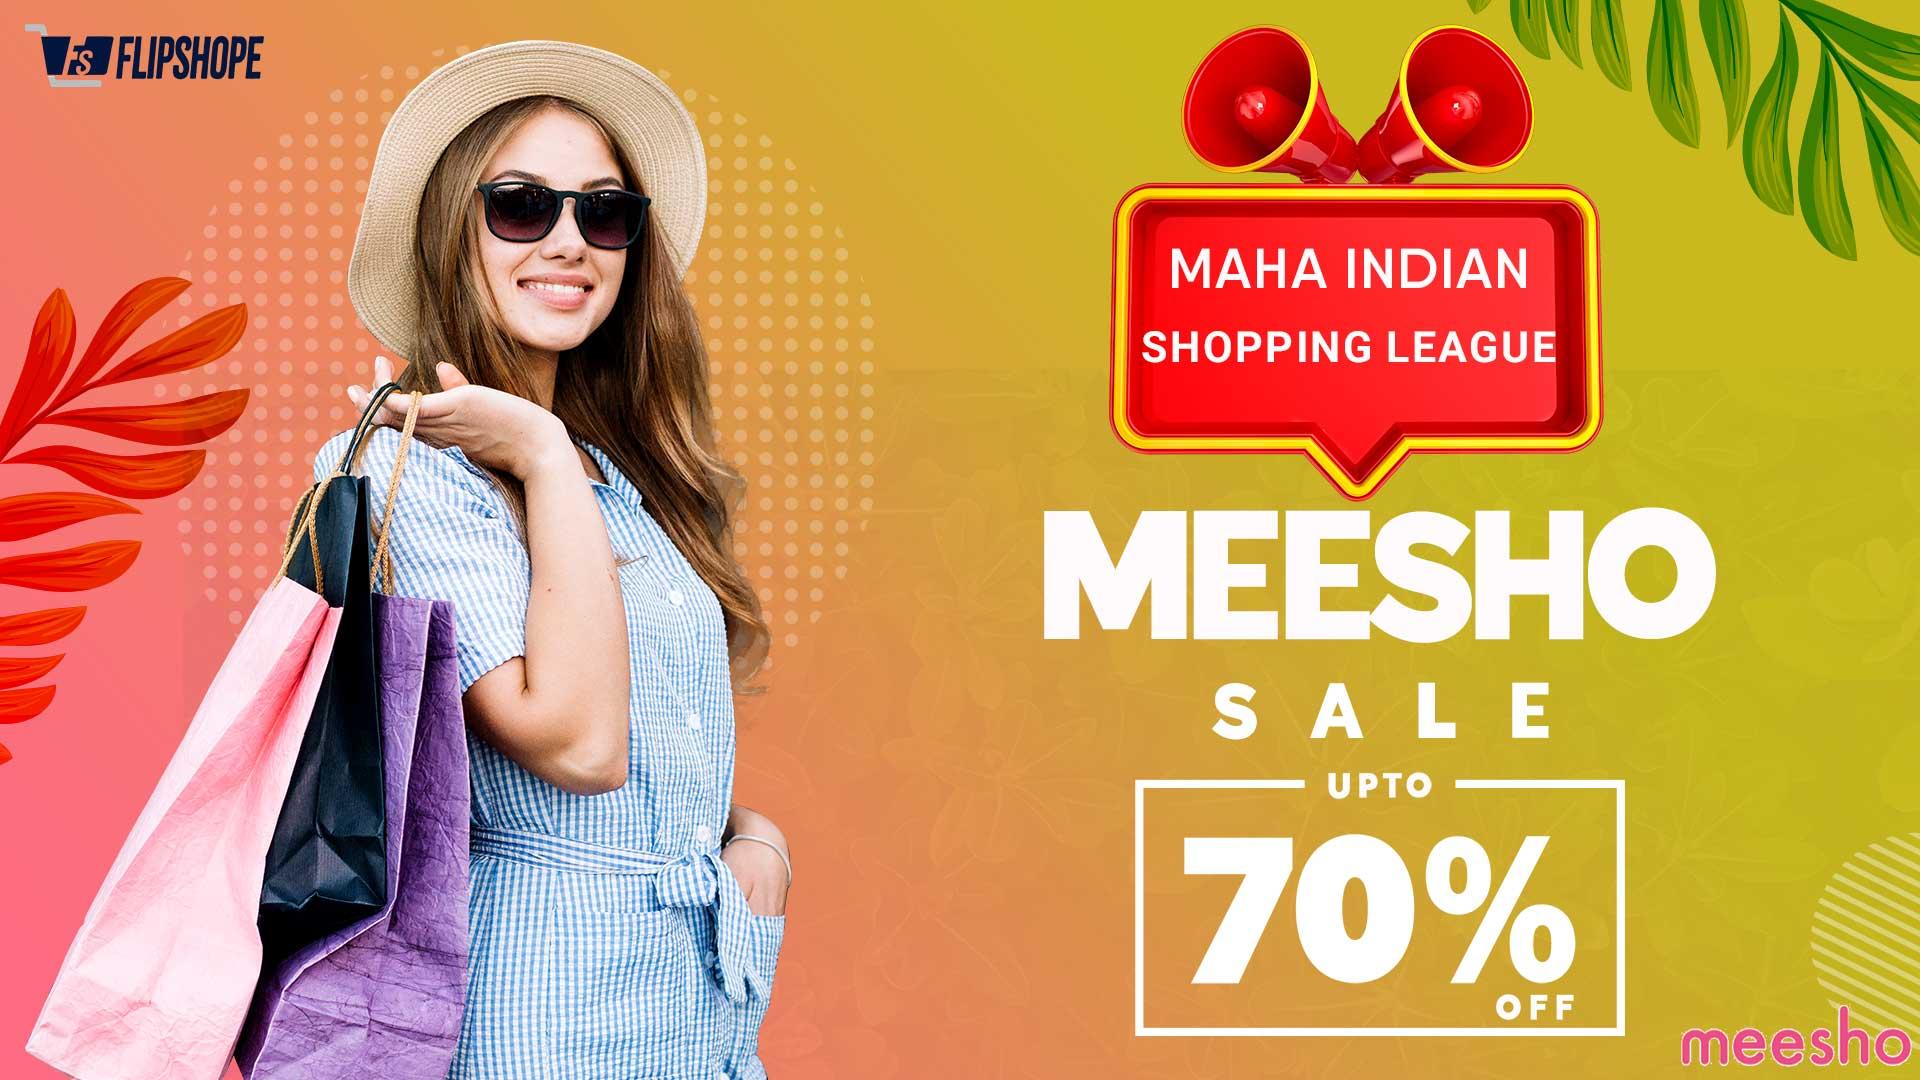 maha indian shopping league